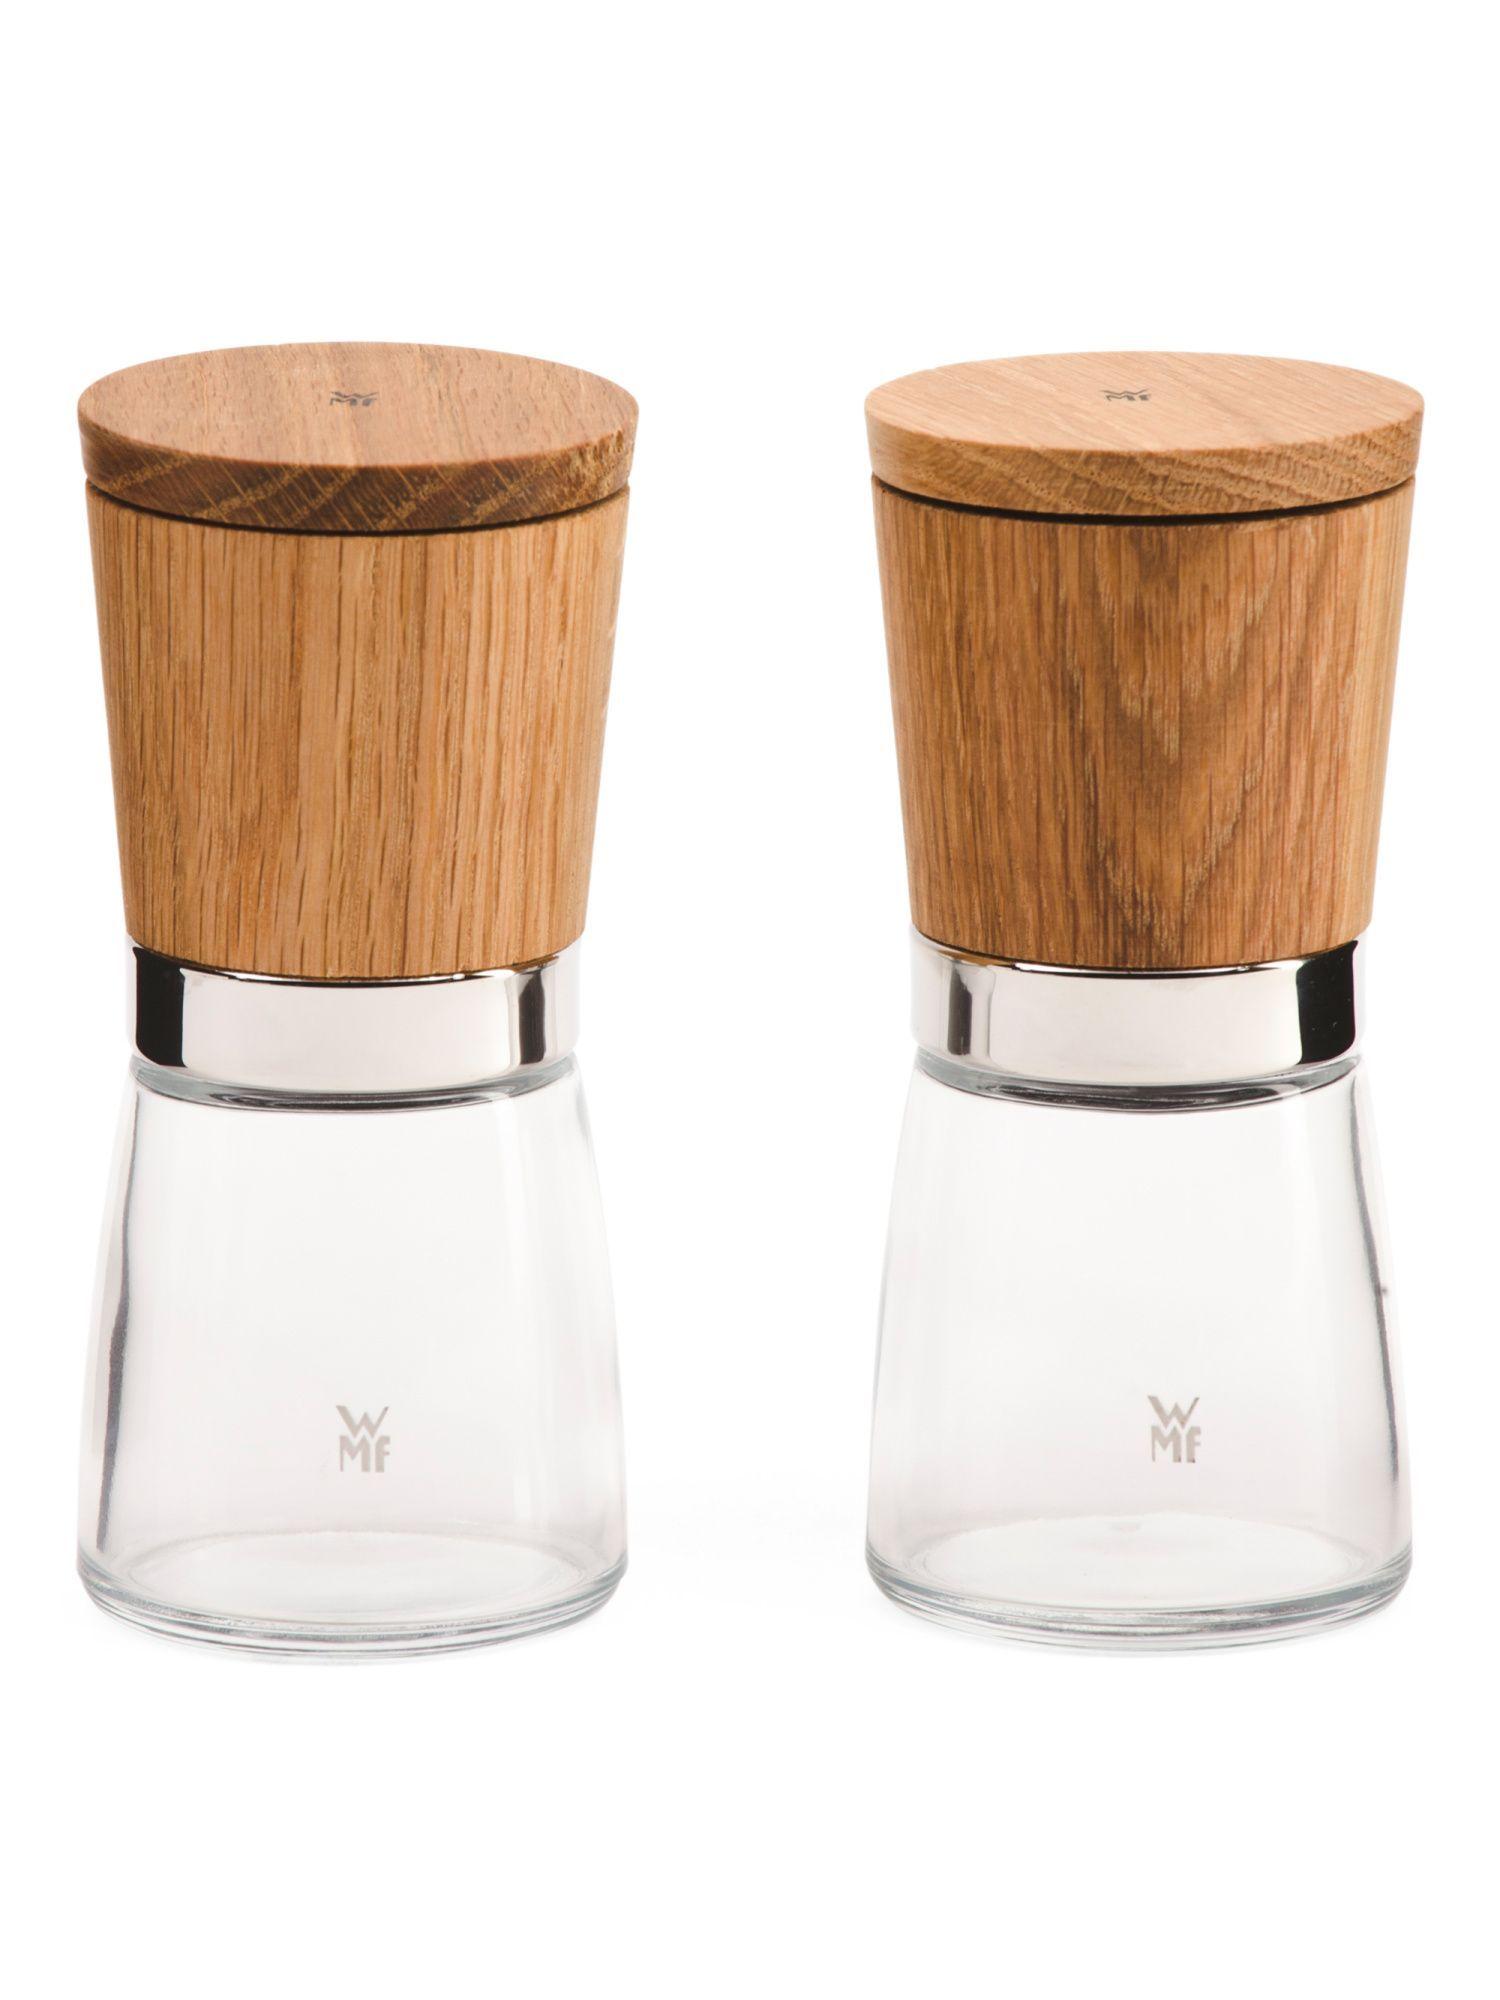 Topmoderne 2pk Salt And Pepper Grinder Set | Products in 2019 | Salt, pepper KS-84